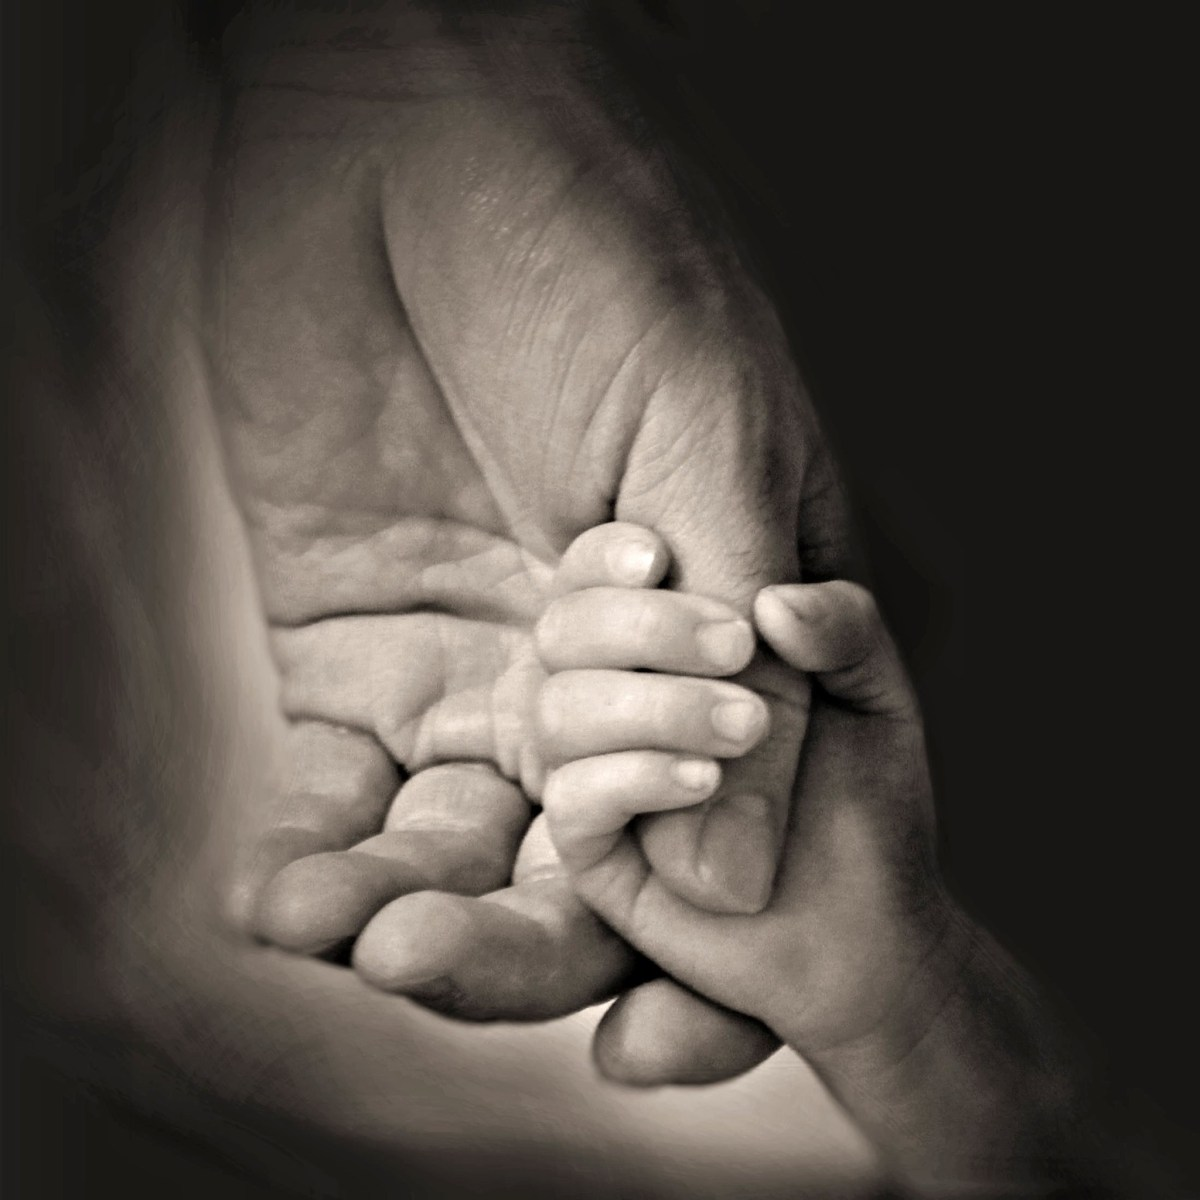 hands-407389